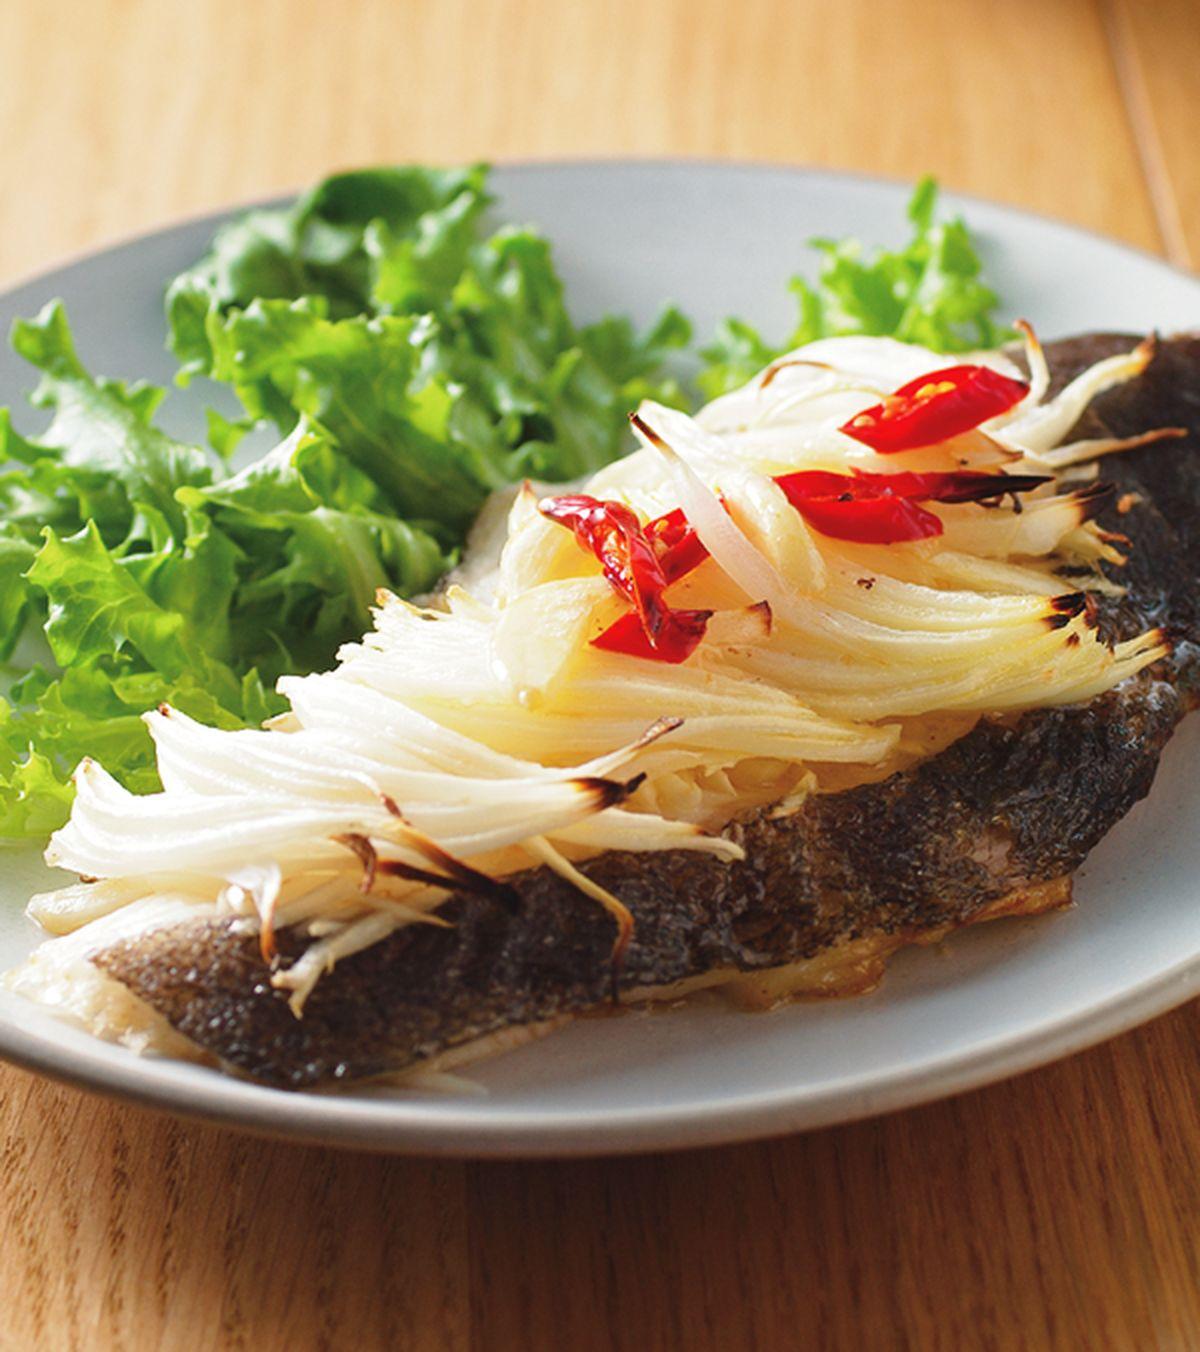 食譜:烤奶油鱈魚